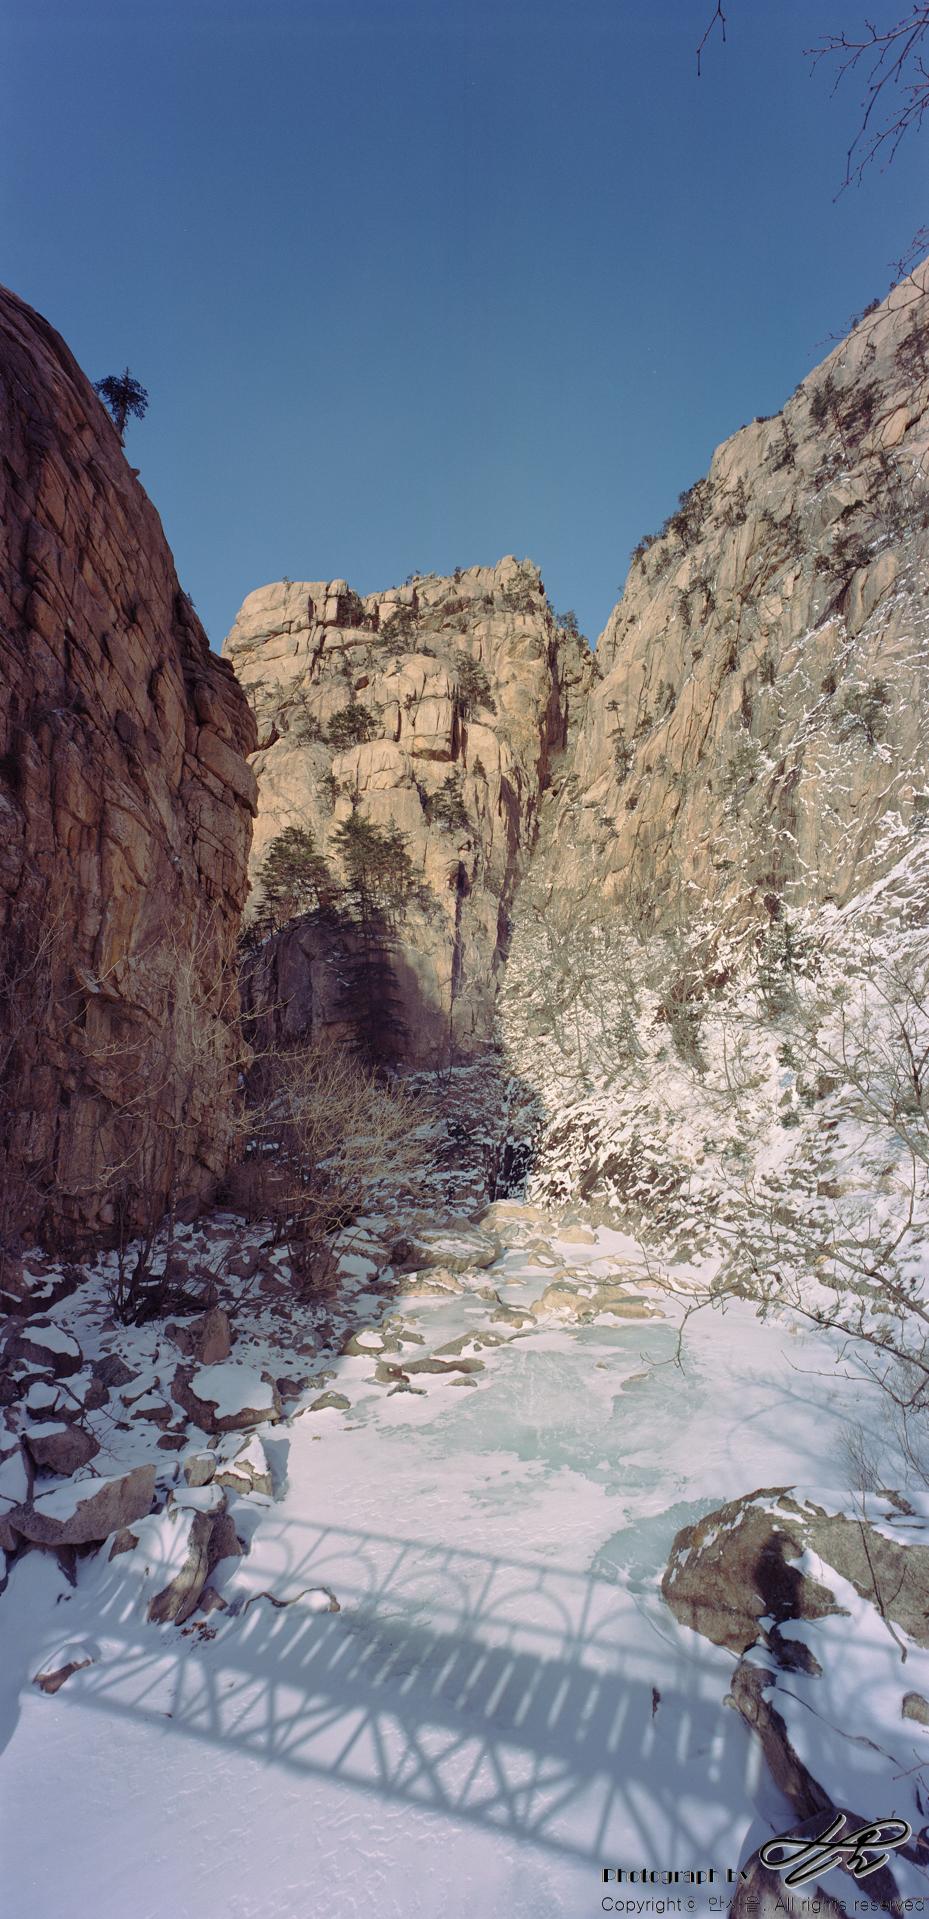 천불동계곡 얼어붙은 천불동계곡 위로 눈이 얇게 쌓여있고 철다리의 그림자가 드리워 있다.